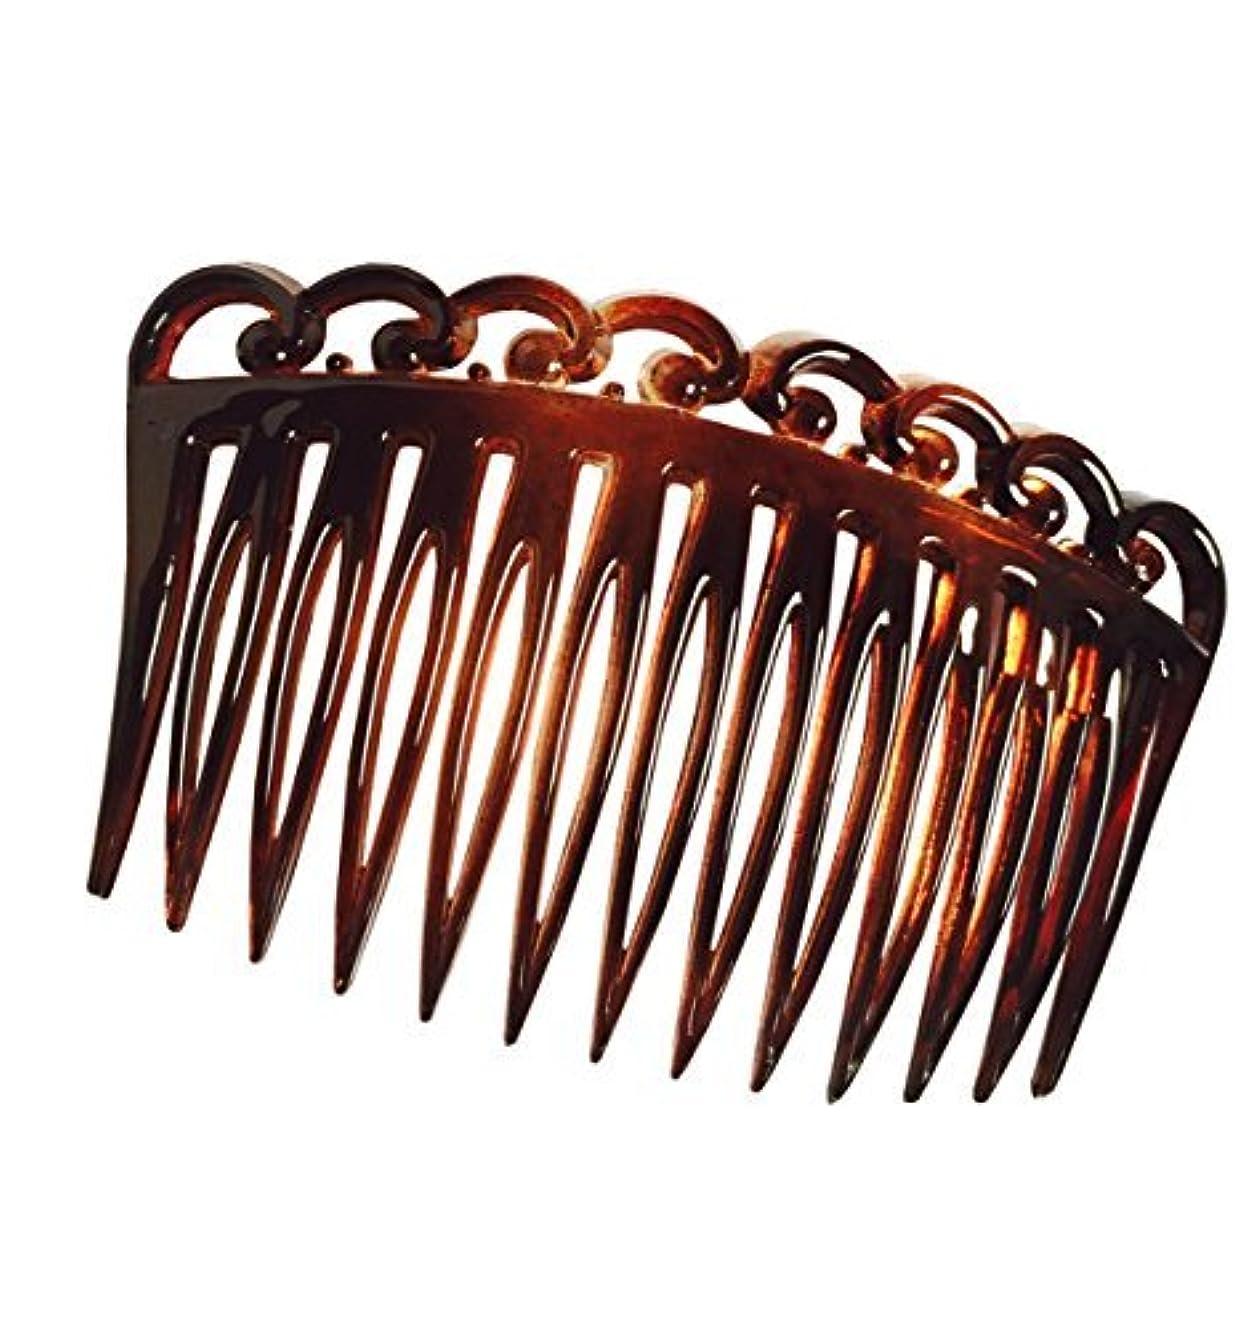 カブクレーター栄光Parcelona French Swirl Set of 2 Celluloid Acetate Brown Tortoise Shell Side Hair Combs 2 Pcs [並行輸入品]